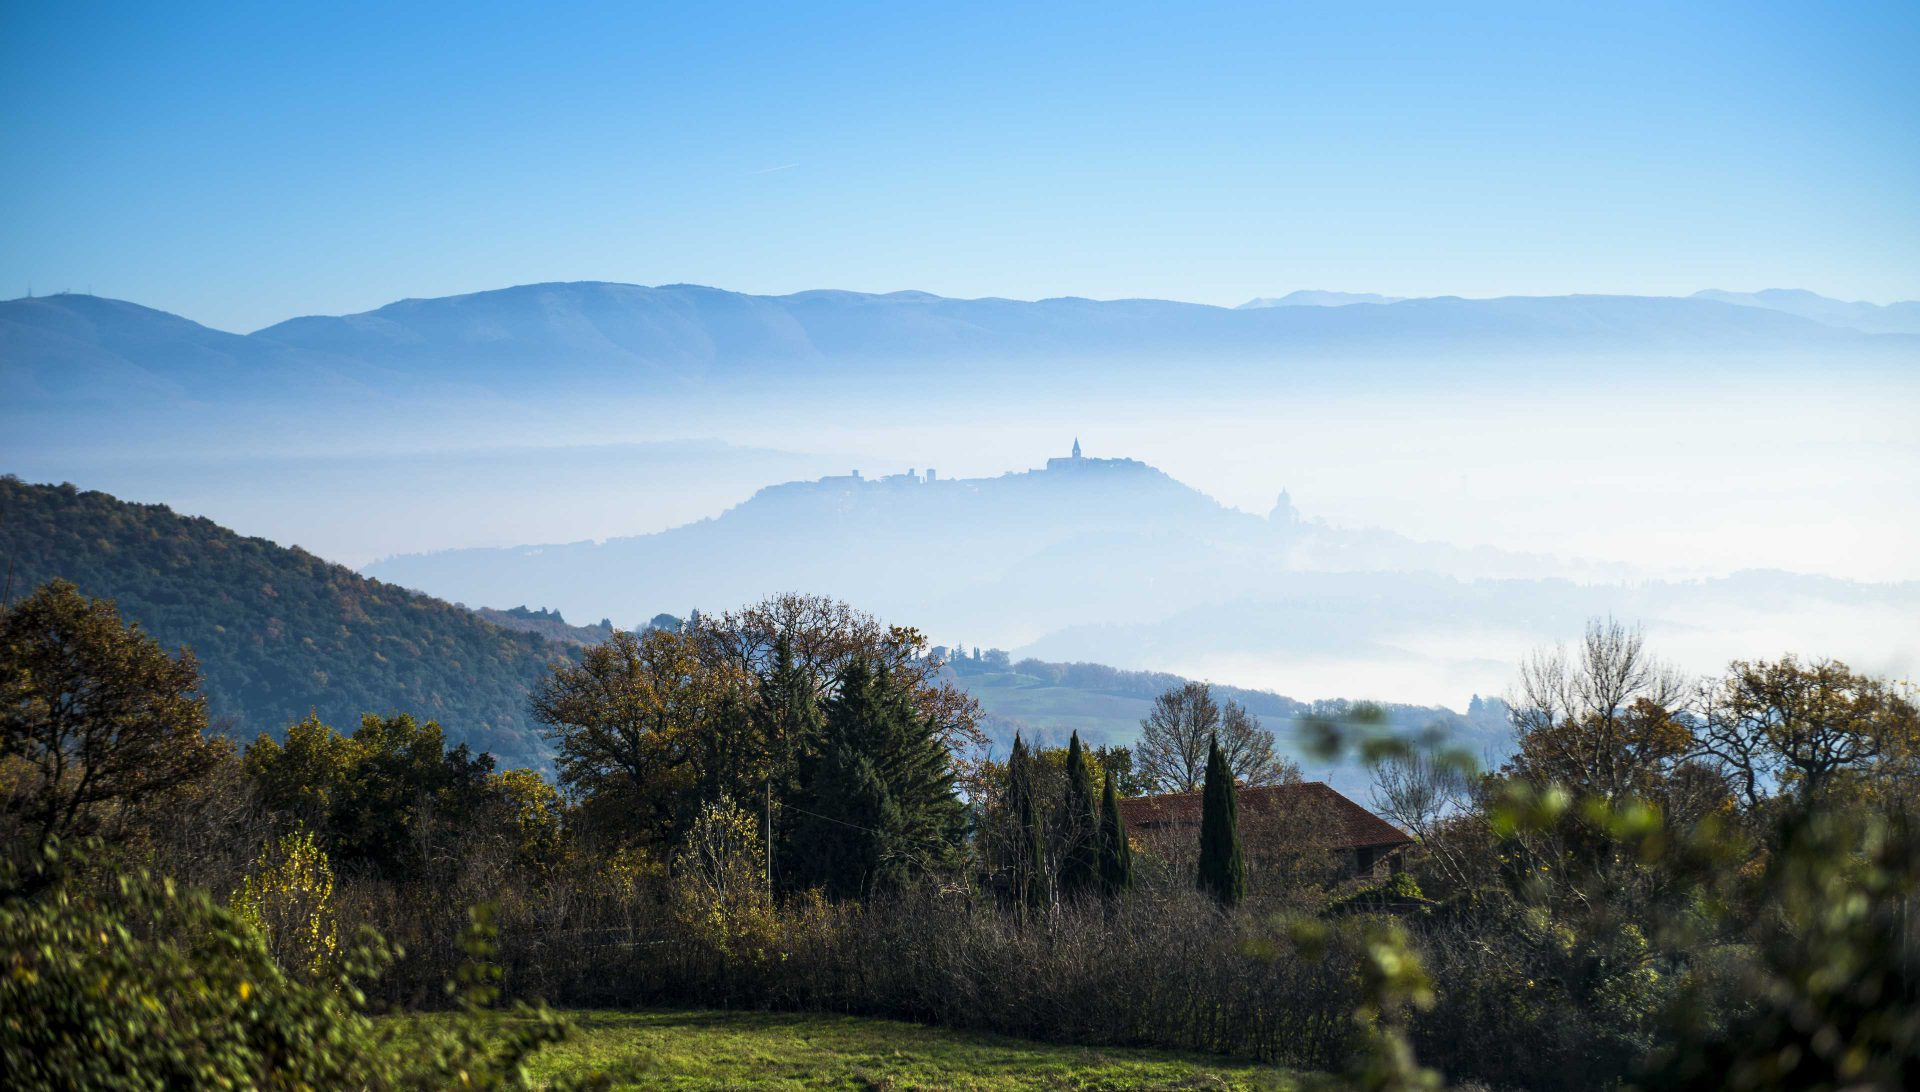 Hotel Fonte Cesia -Todi heart of Umbria - Hotel a Todi - Blog- Todi cuore dell'Umbria